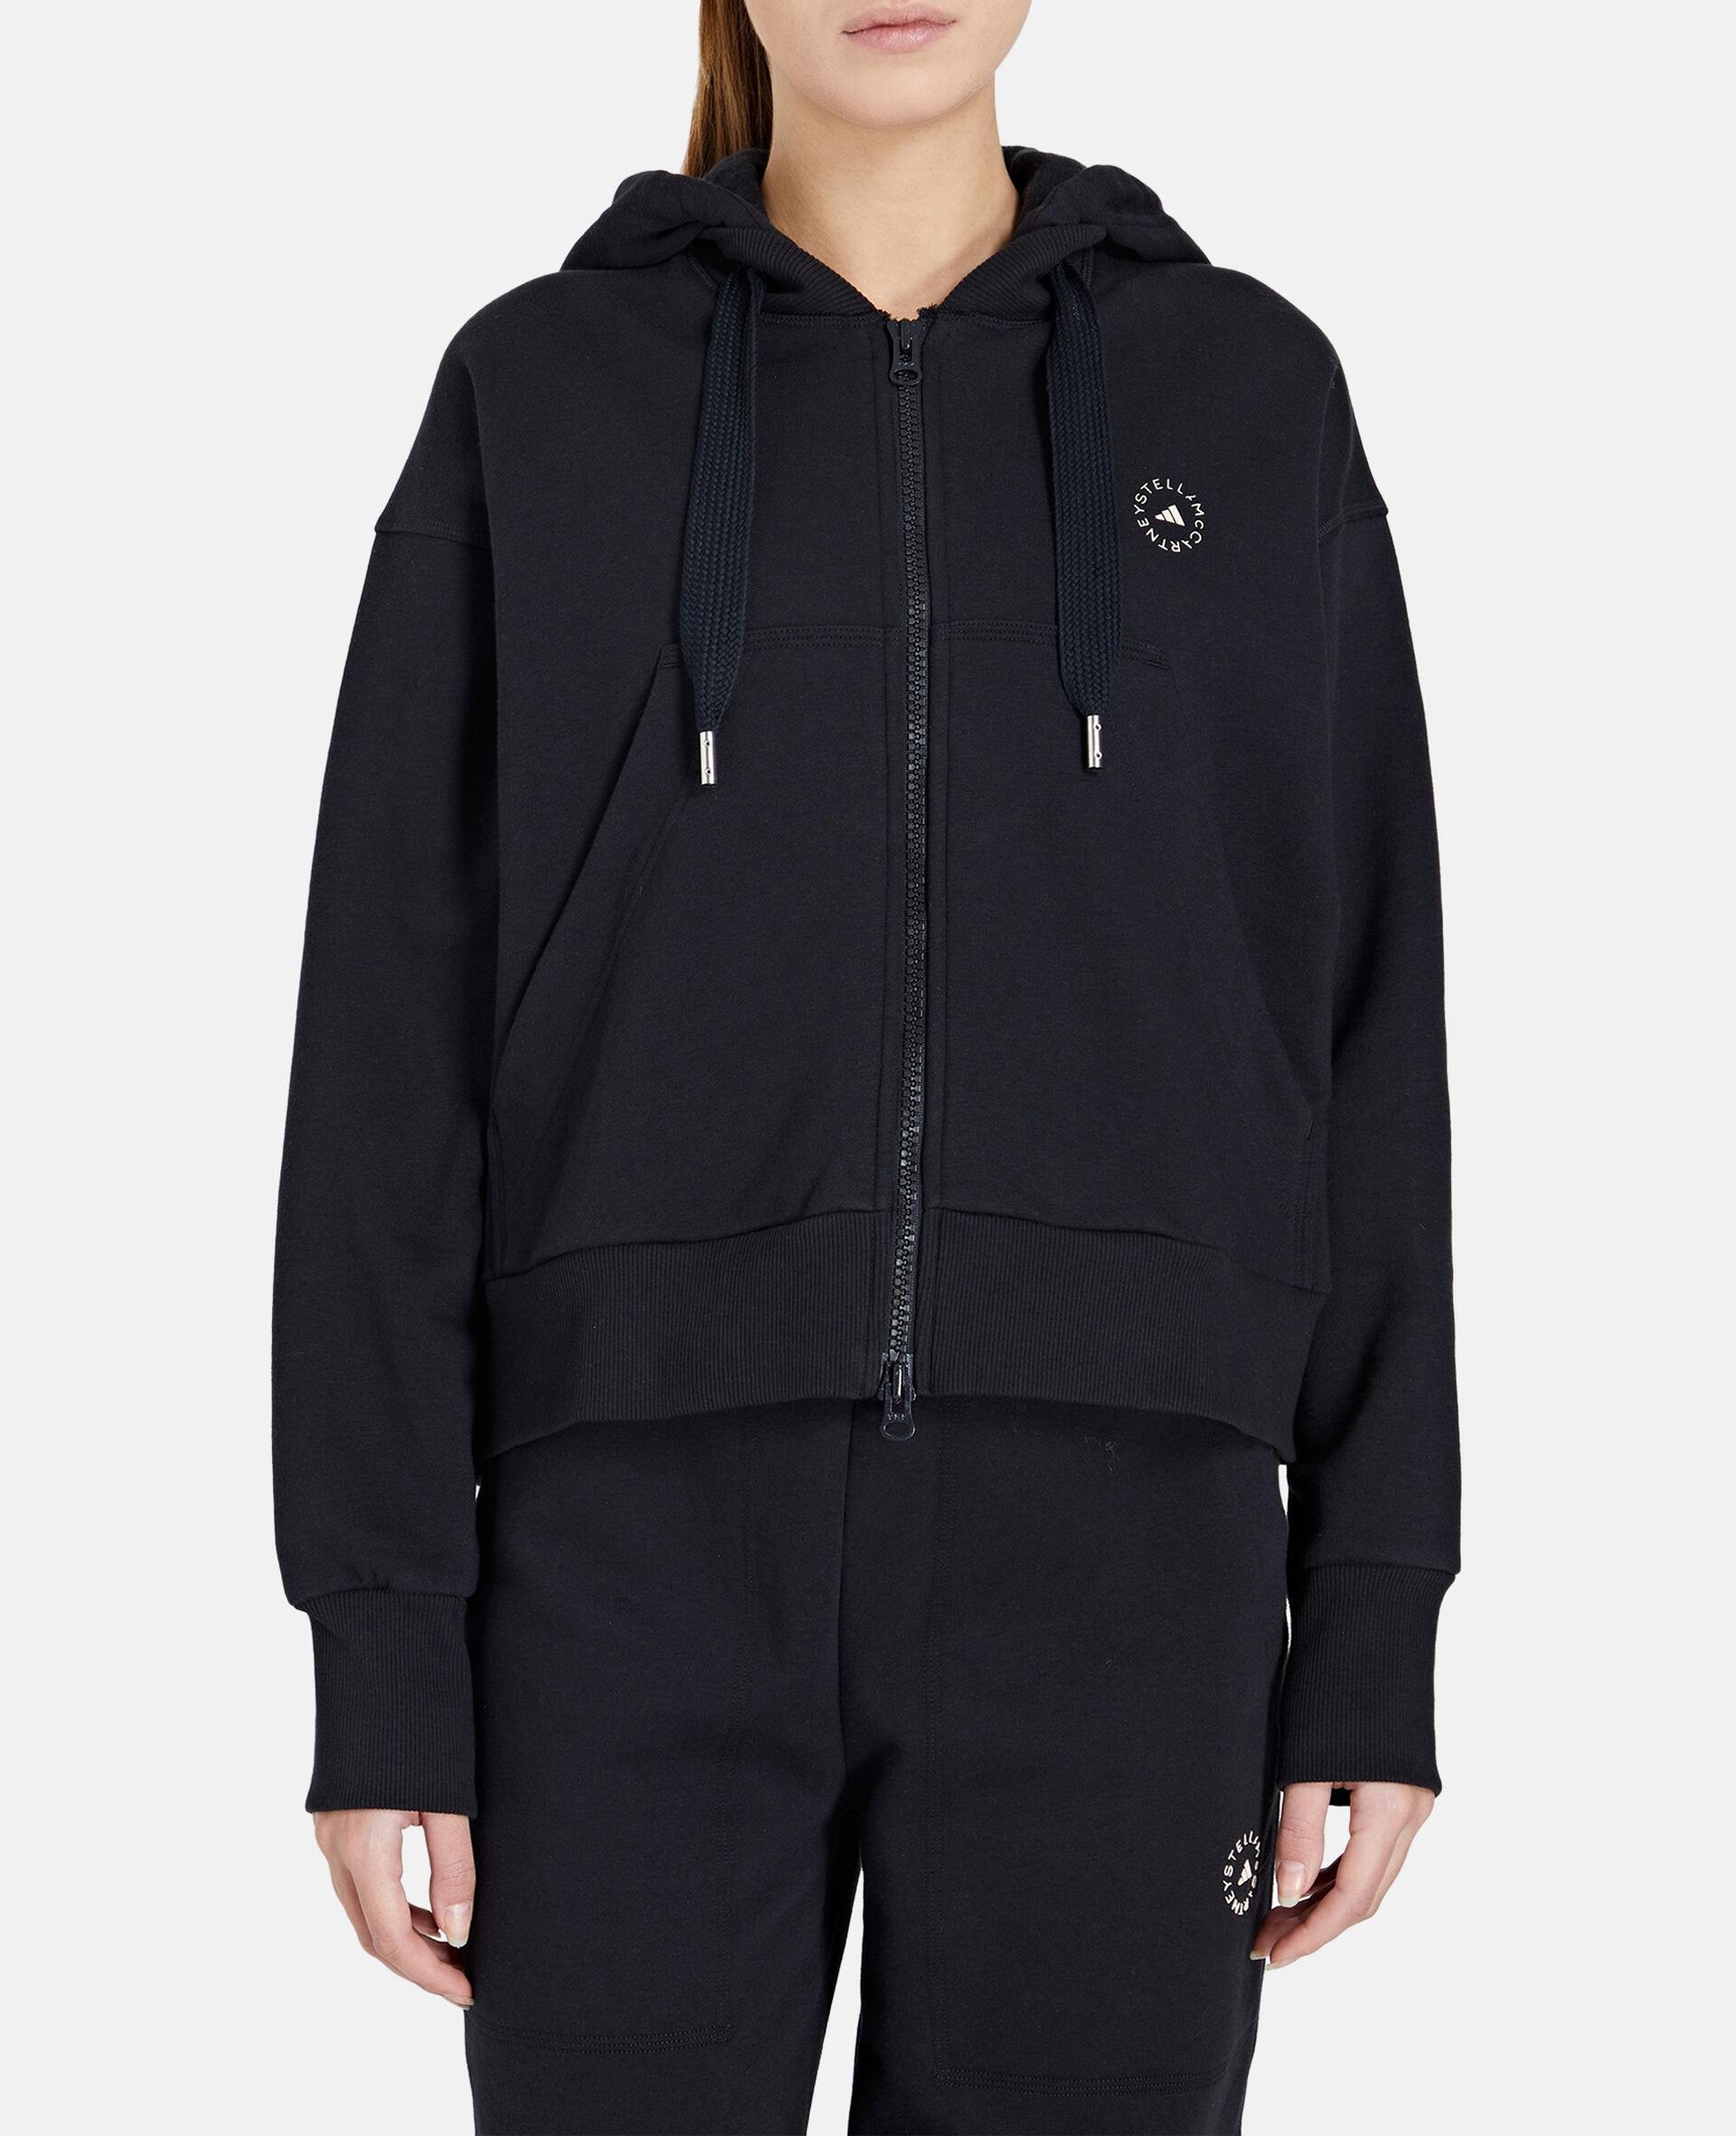 Black Full-zip Cropped Hoodie-Black-large image number 4